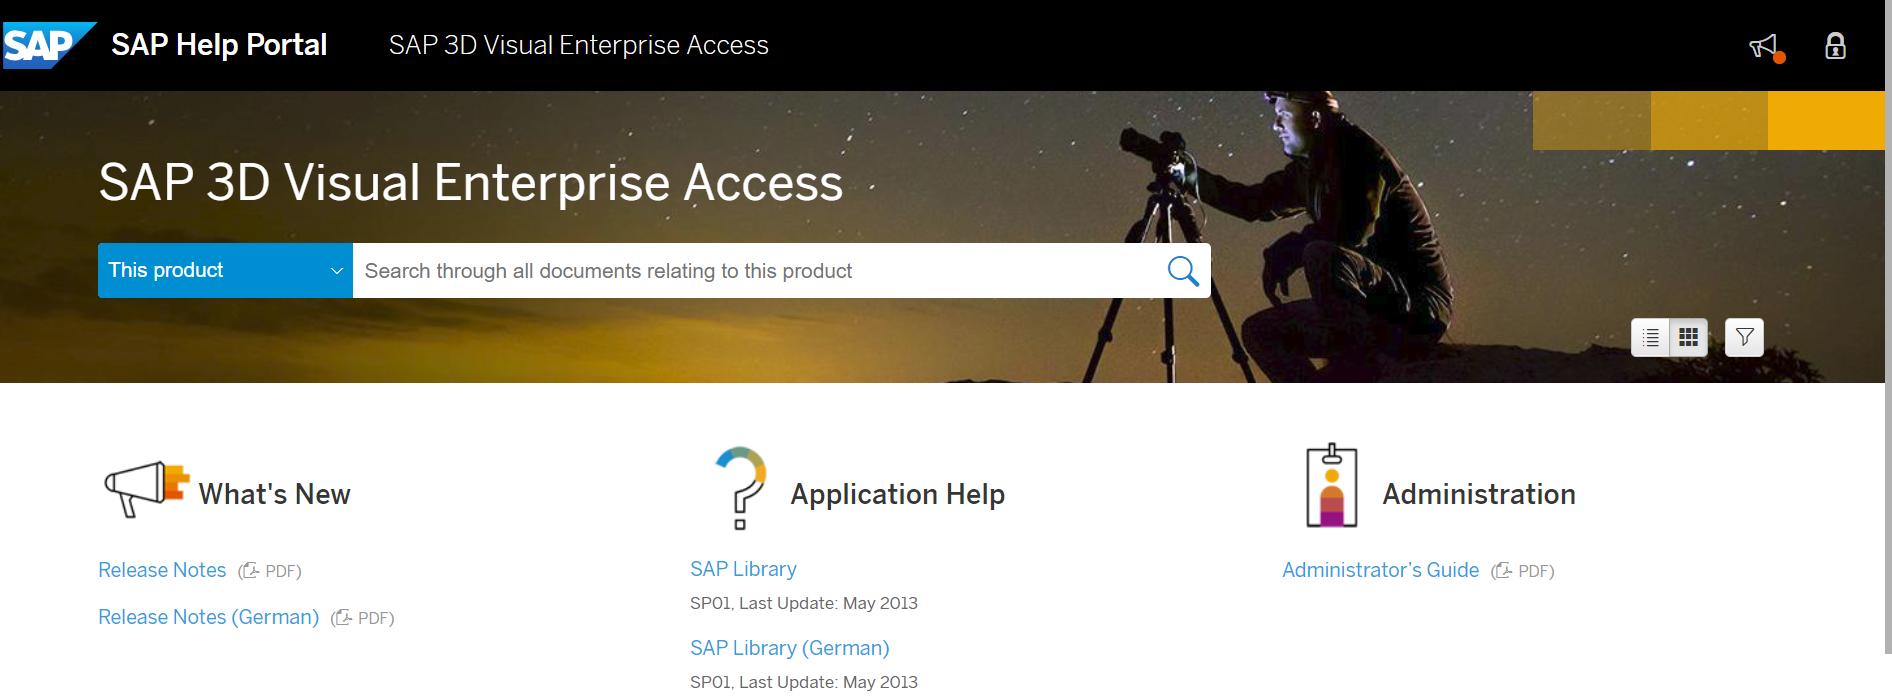 Display 3D model in SAP CRM UI Using pure JavaScript | SAP Blogs